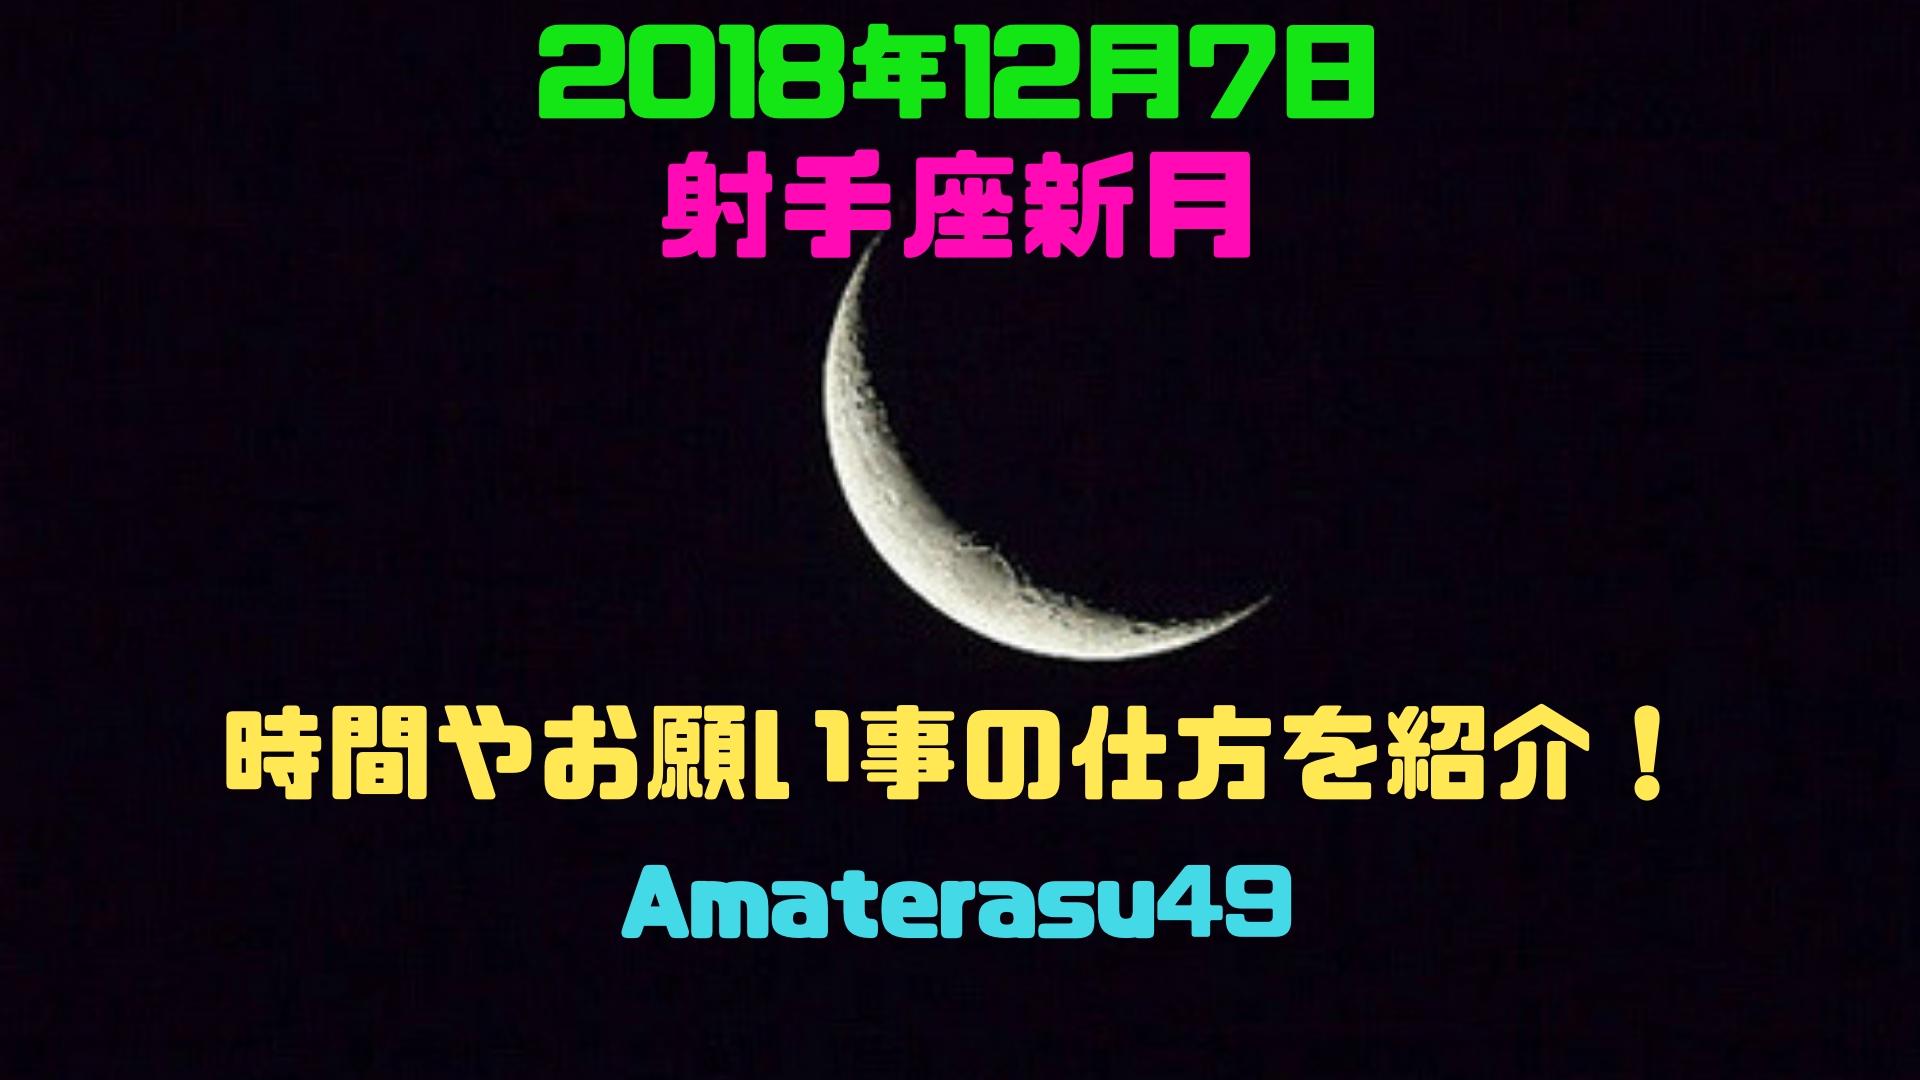 2018年12月7日射手座新月の時間やお願い事の仕方を紹介!